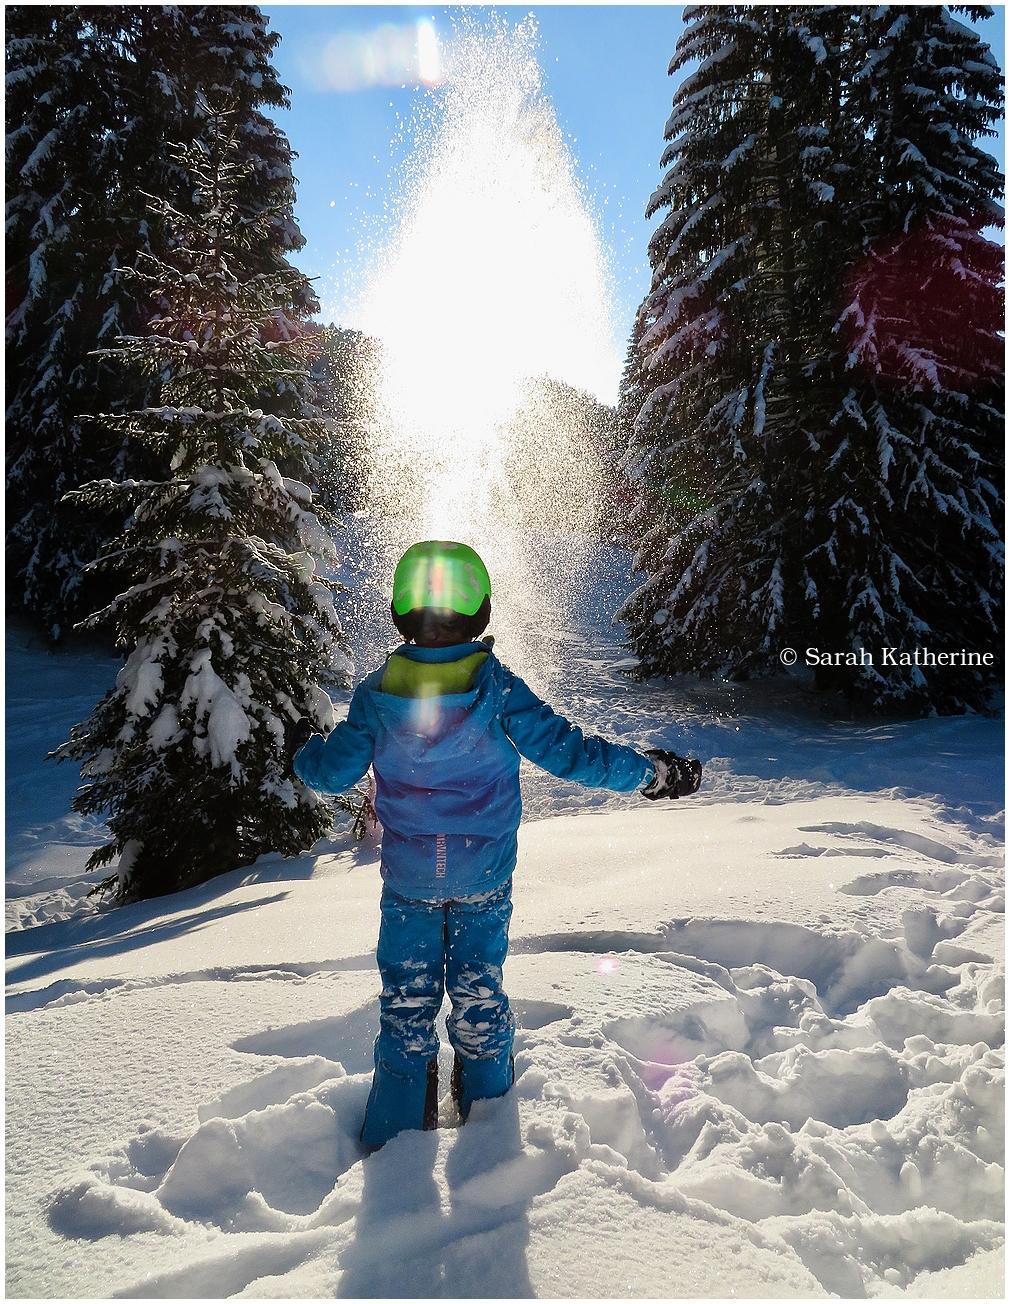 snow, mountain, winter, hand, sunlight, sun, trees